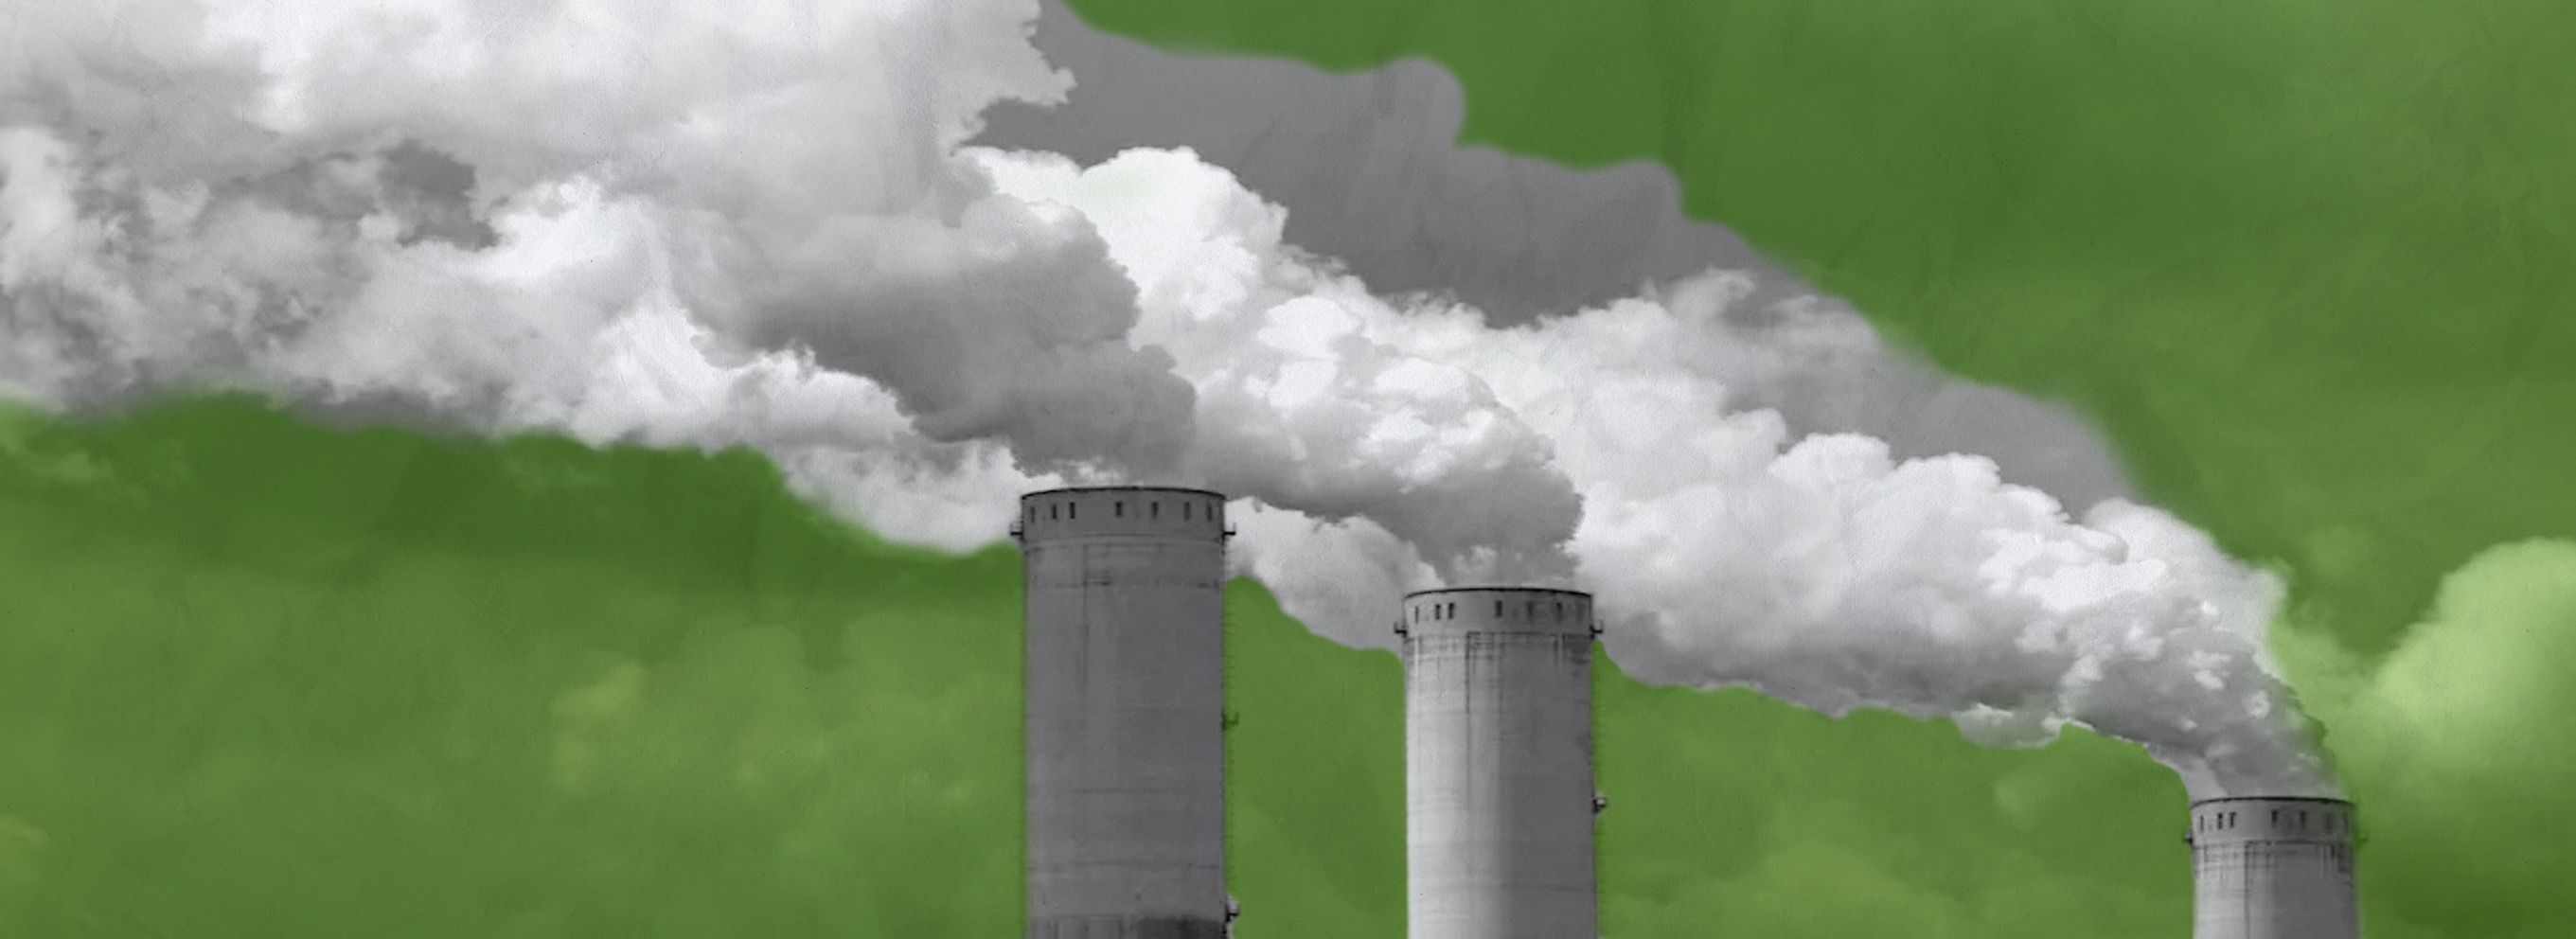 Inquinamento e Covid, non è come sembra